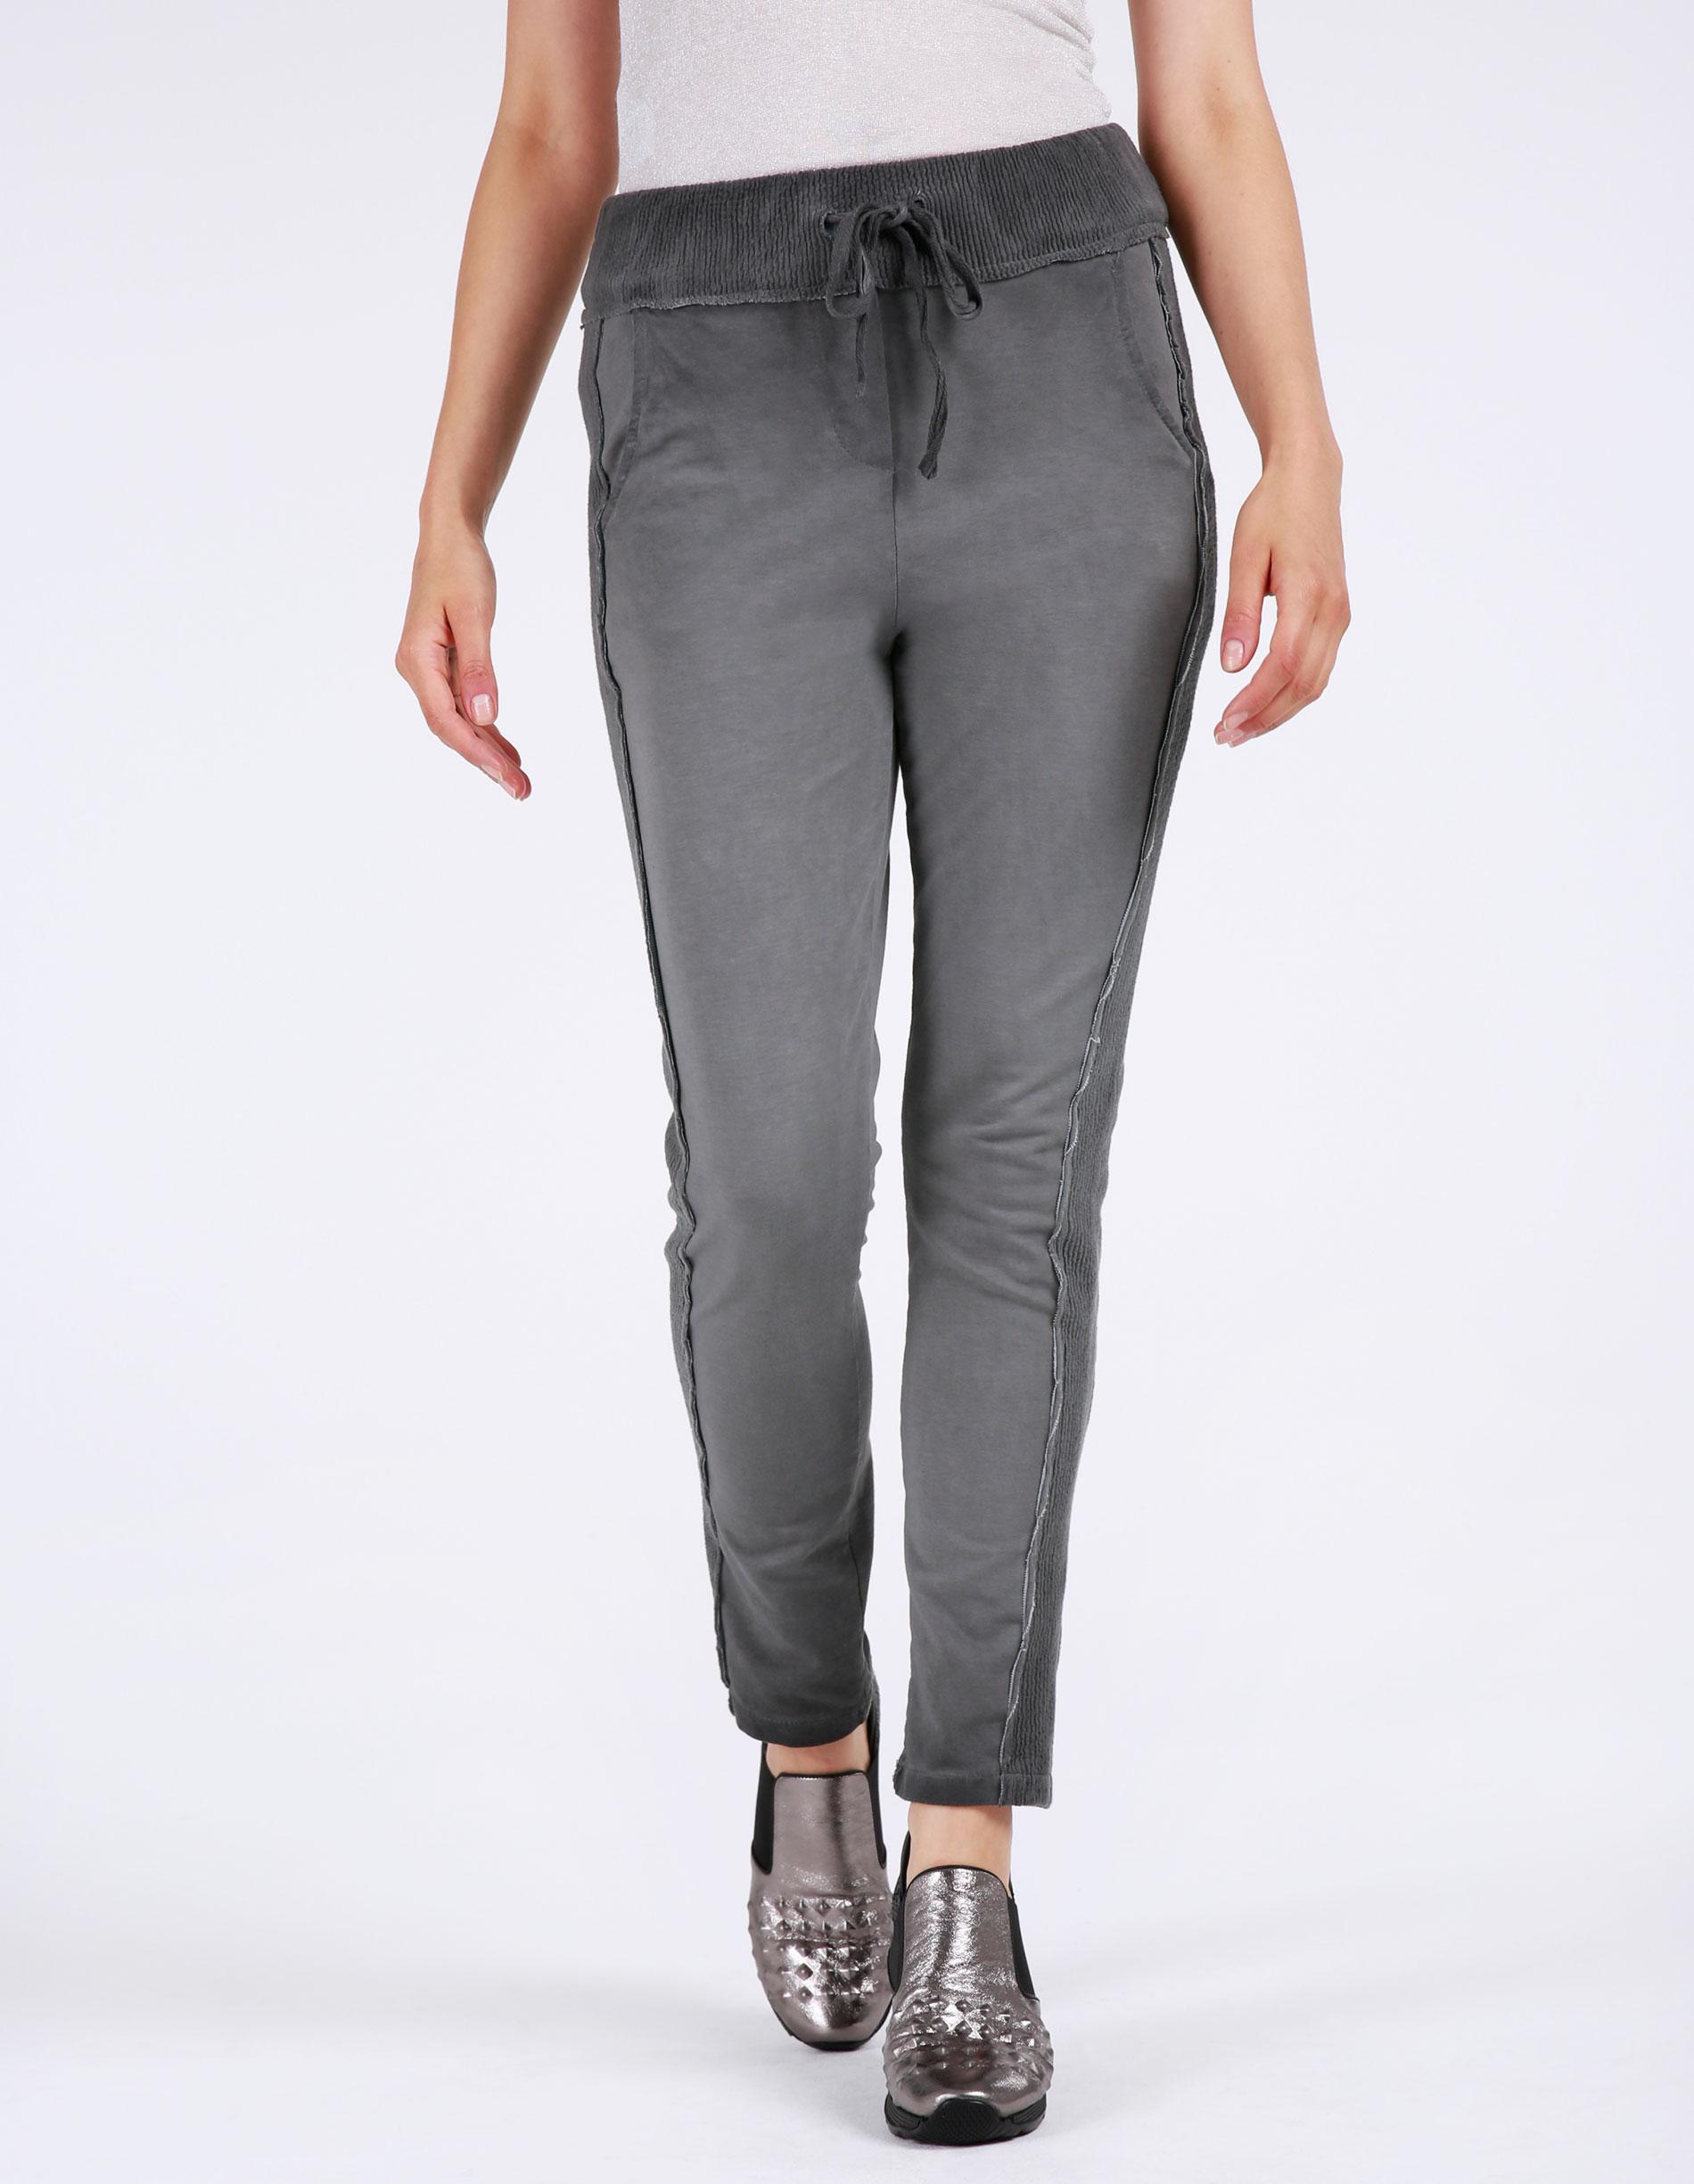 Spodnie - 155-57105 GRS - Unisono